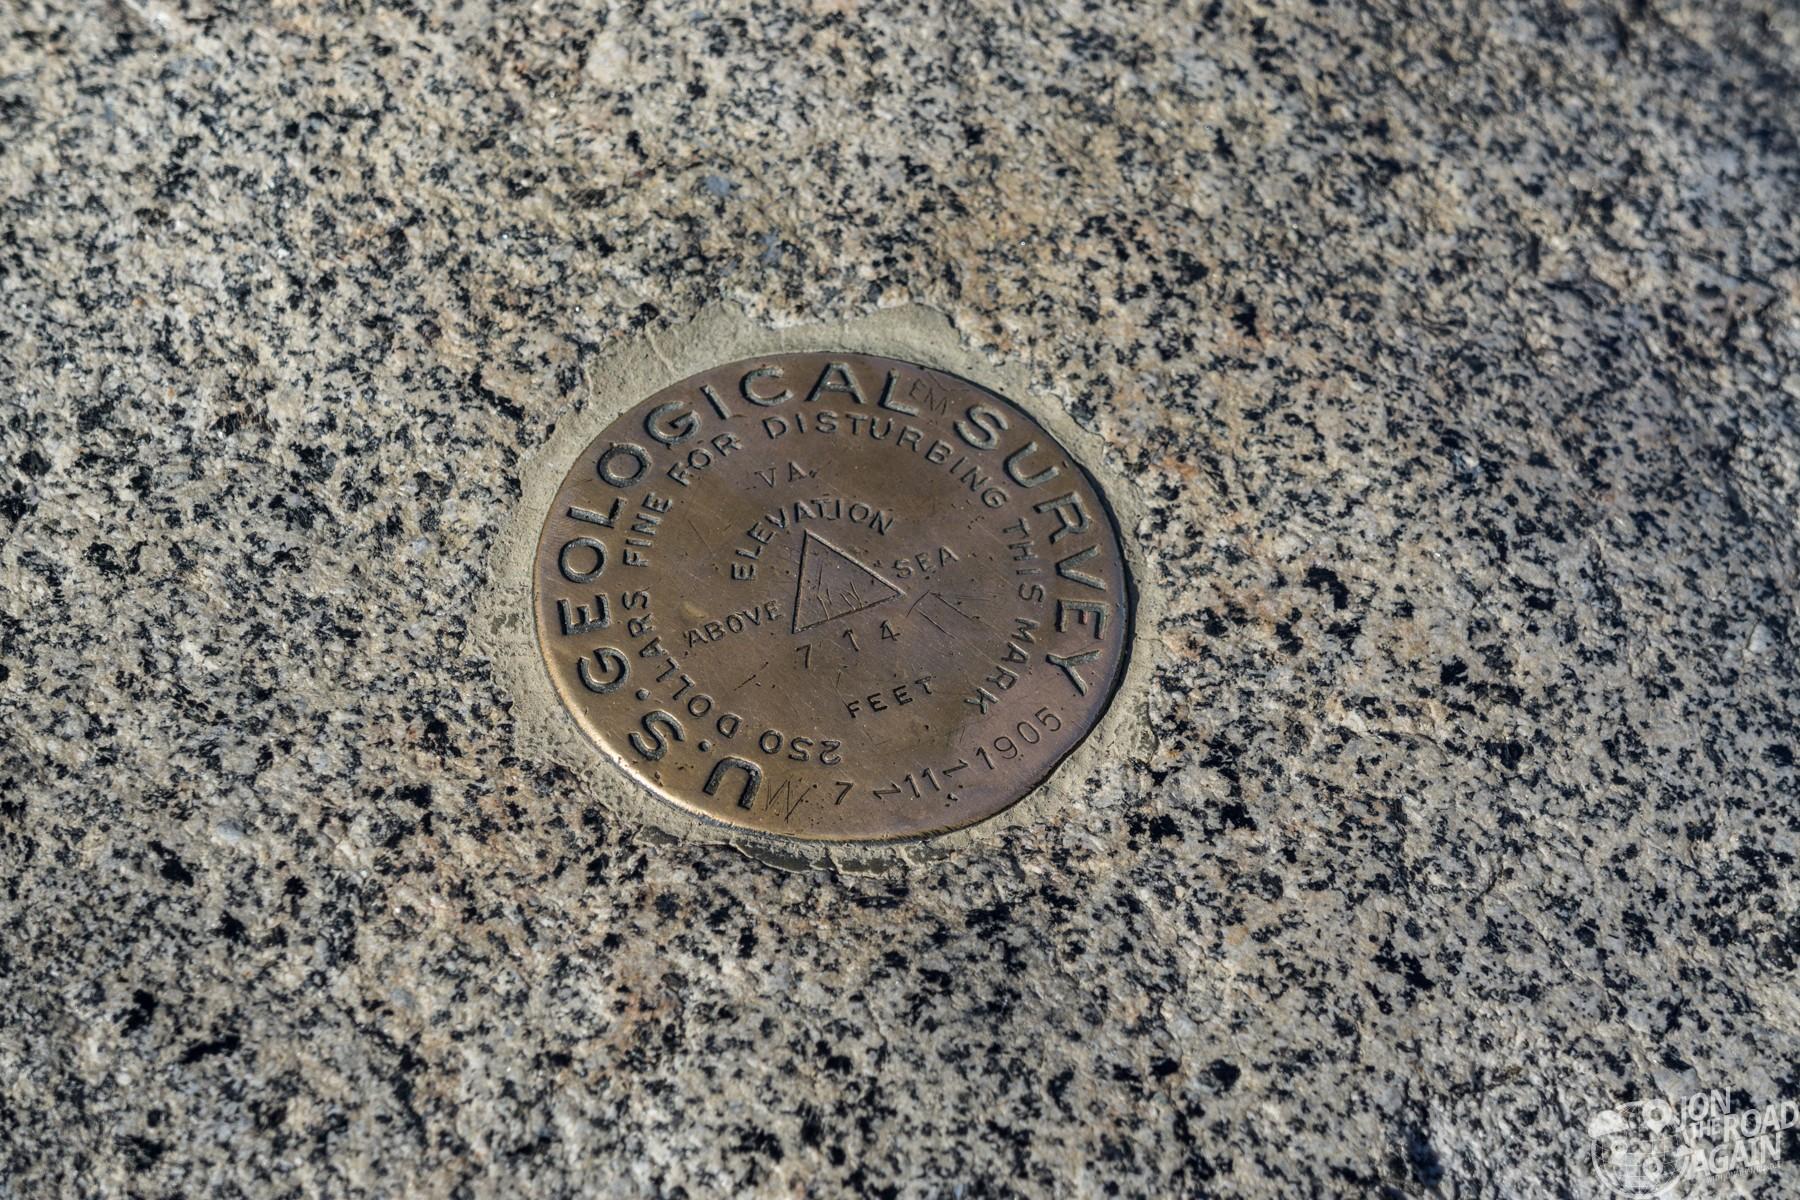 Glacier Point USGS Survey